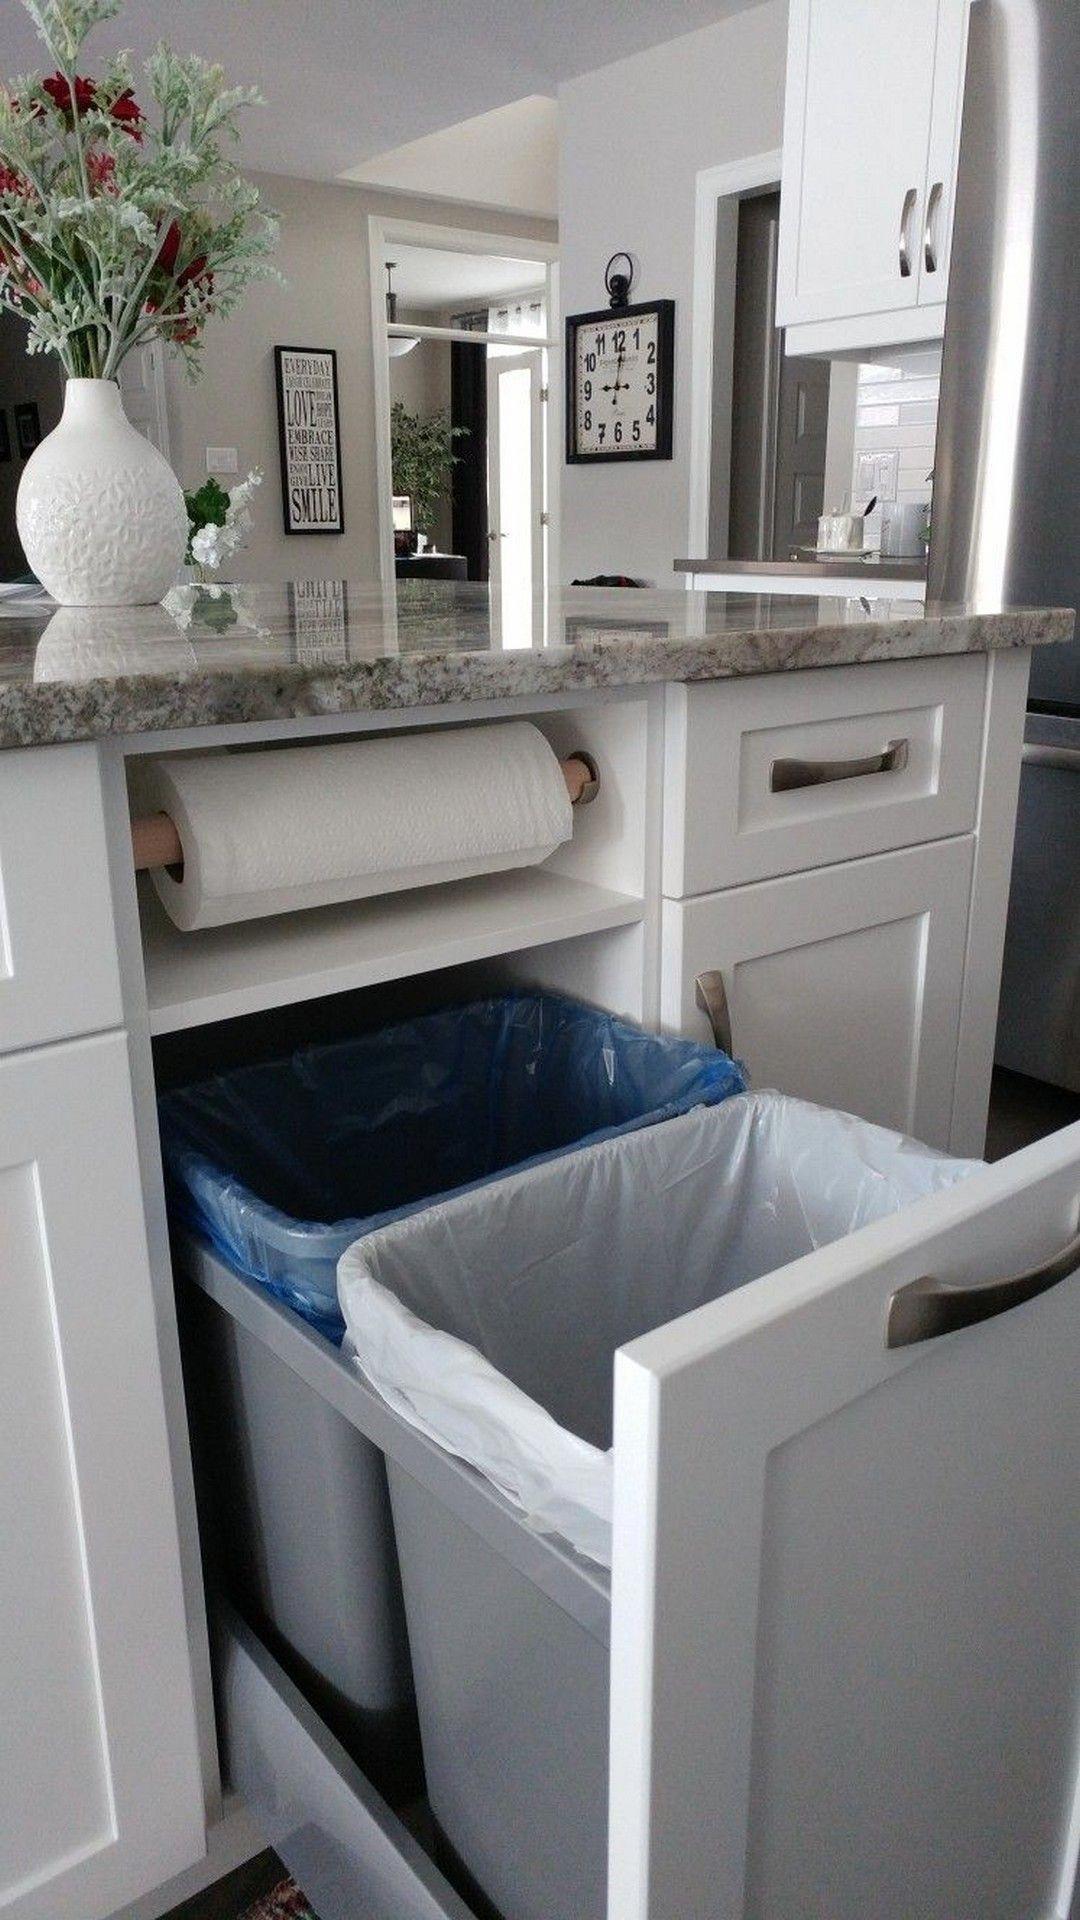 Hidden Paper Towel Holder Double Trash Diyremodeling Kitchen Design Home Decor Kitchen Home